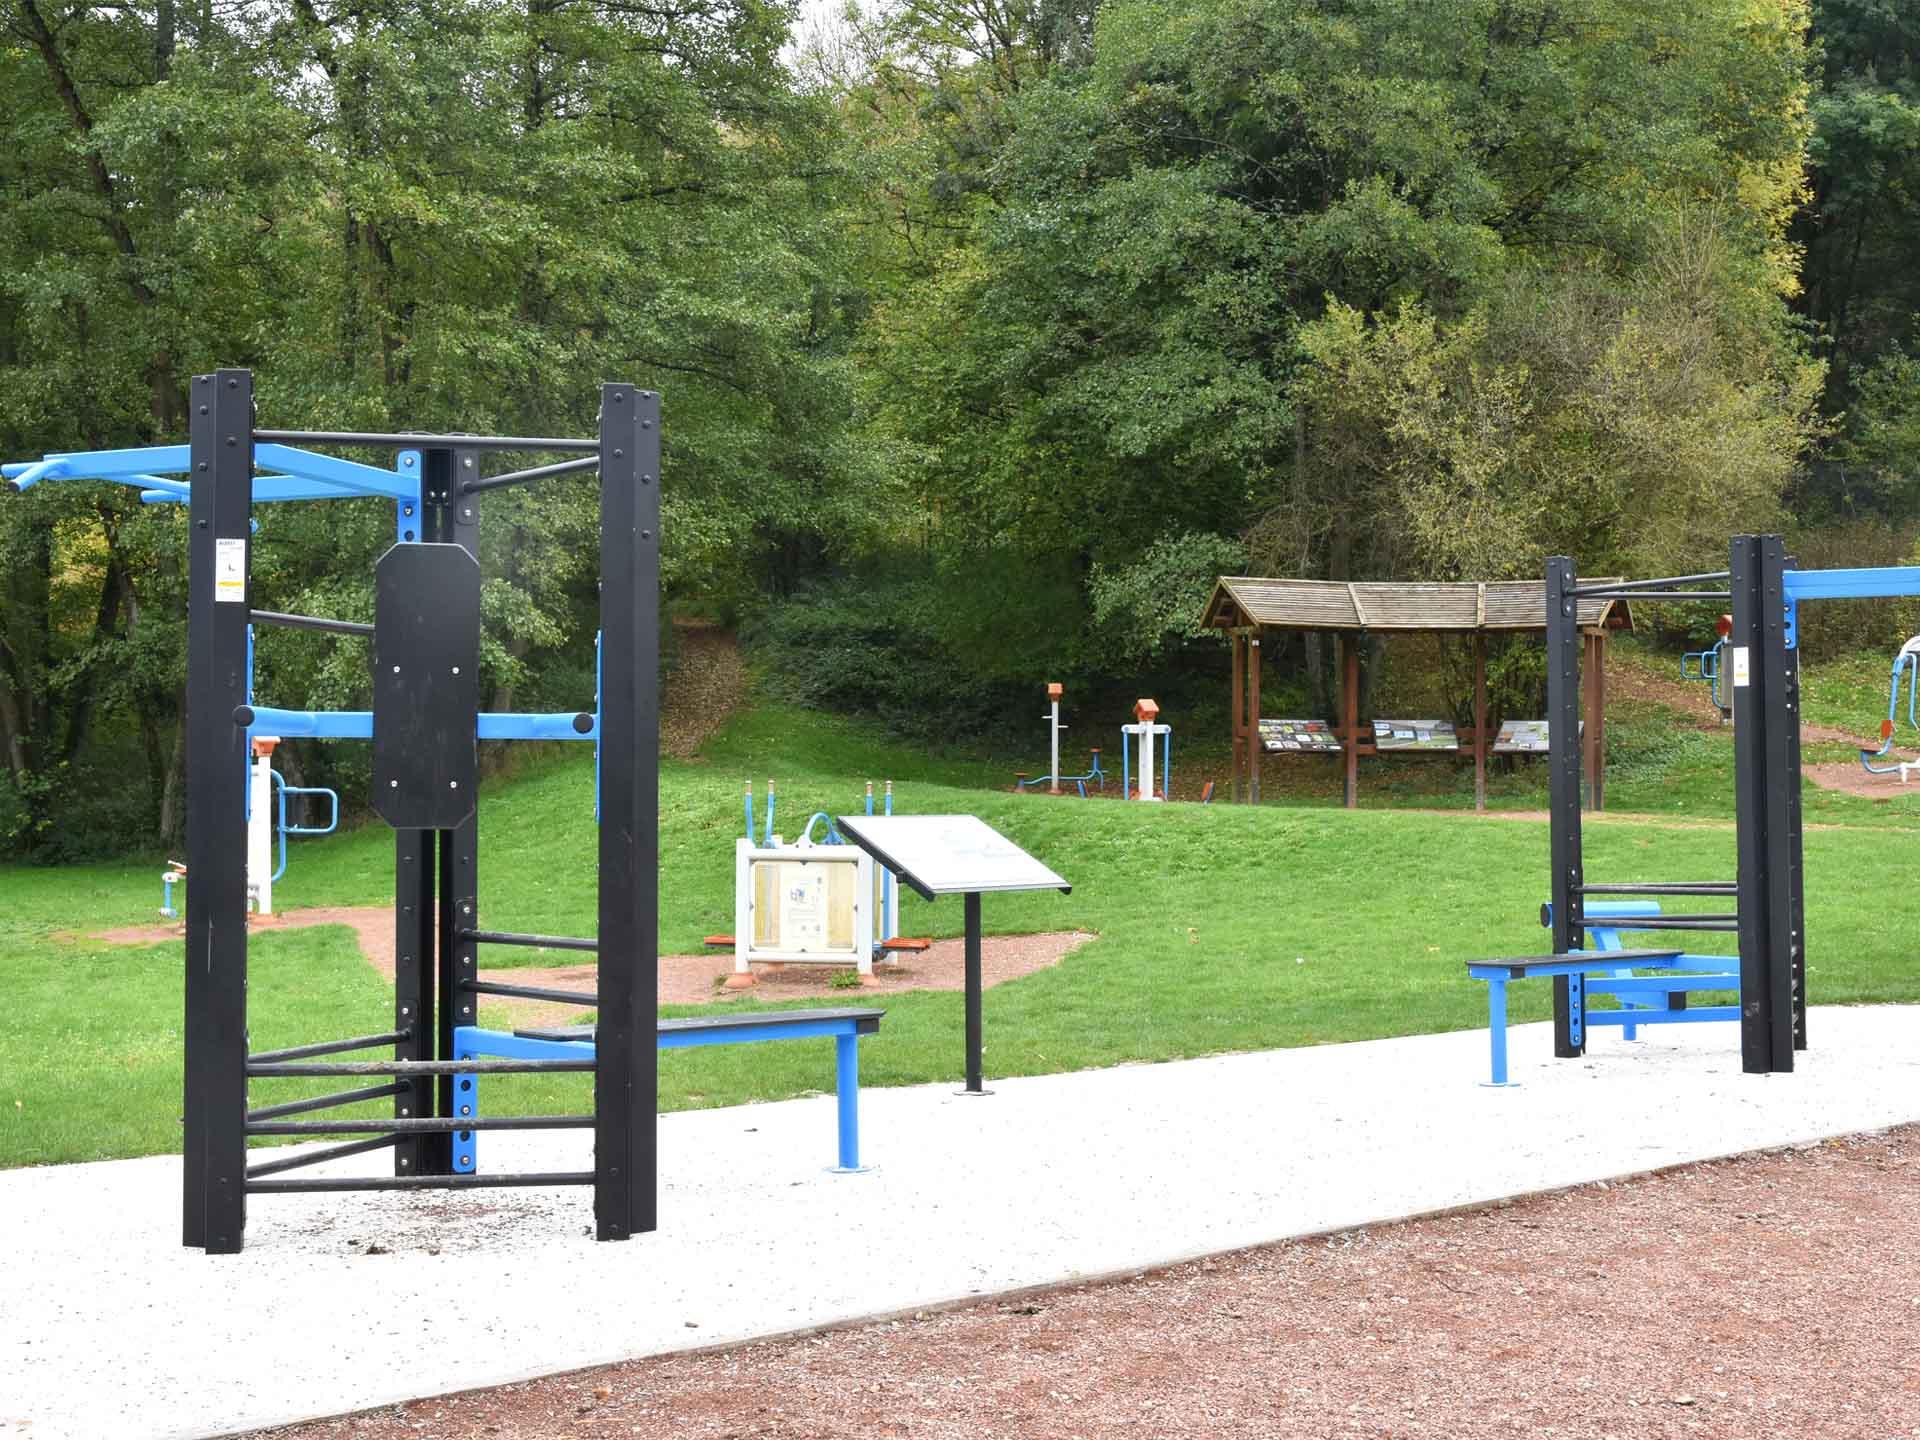 Photo du plateau sportif en accès libre de Rombas